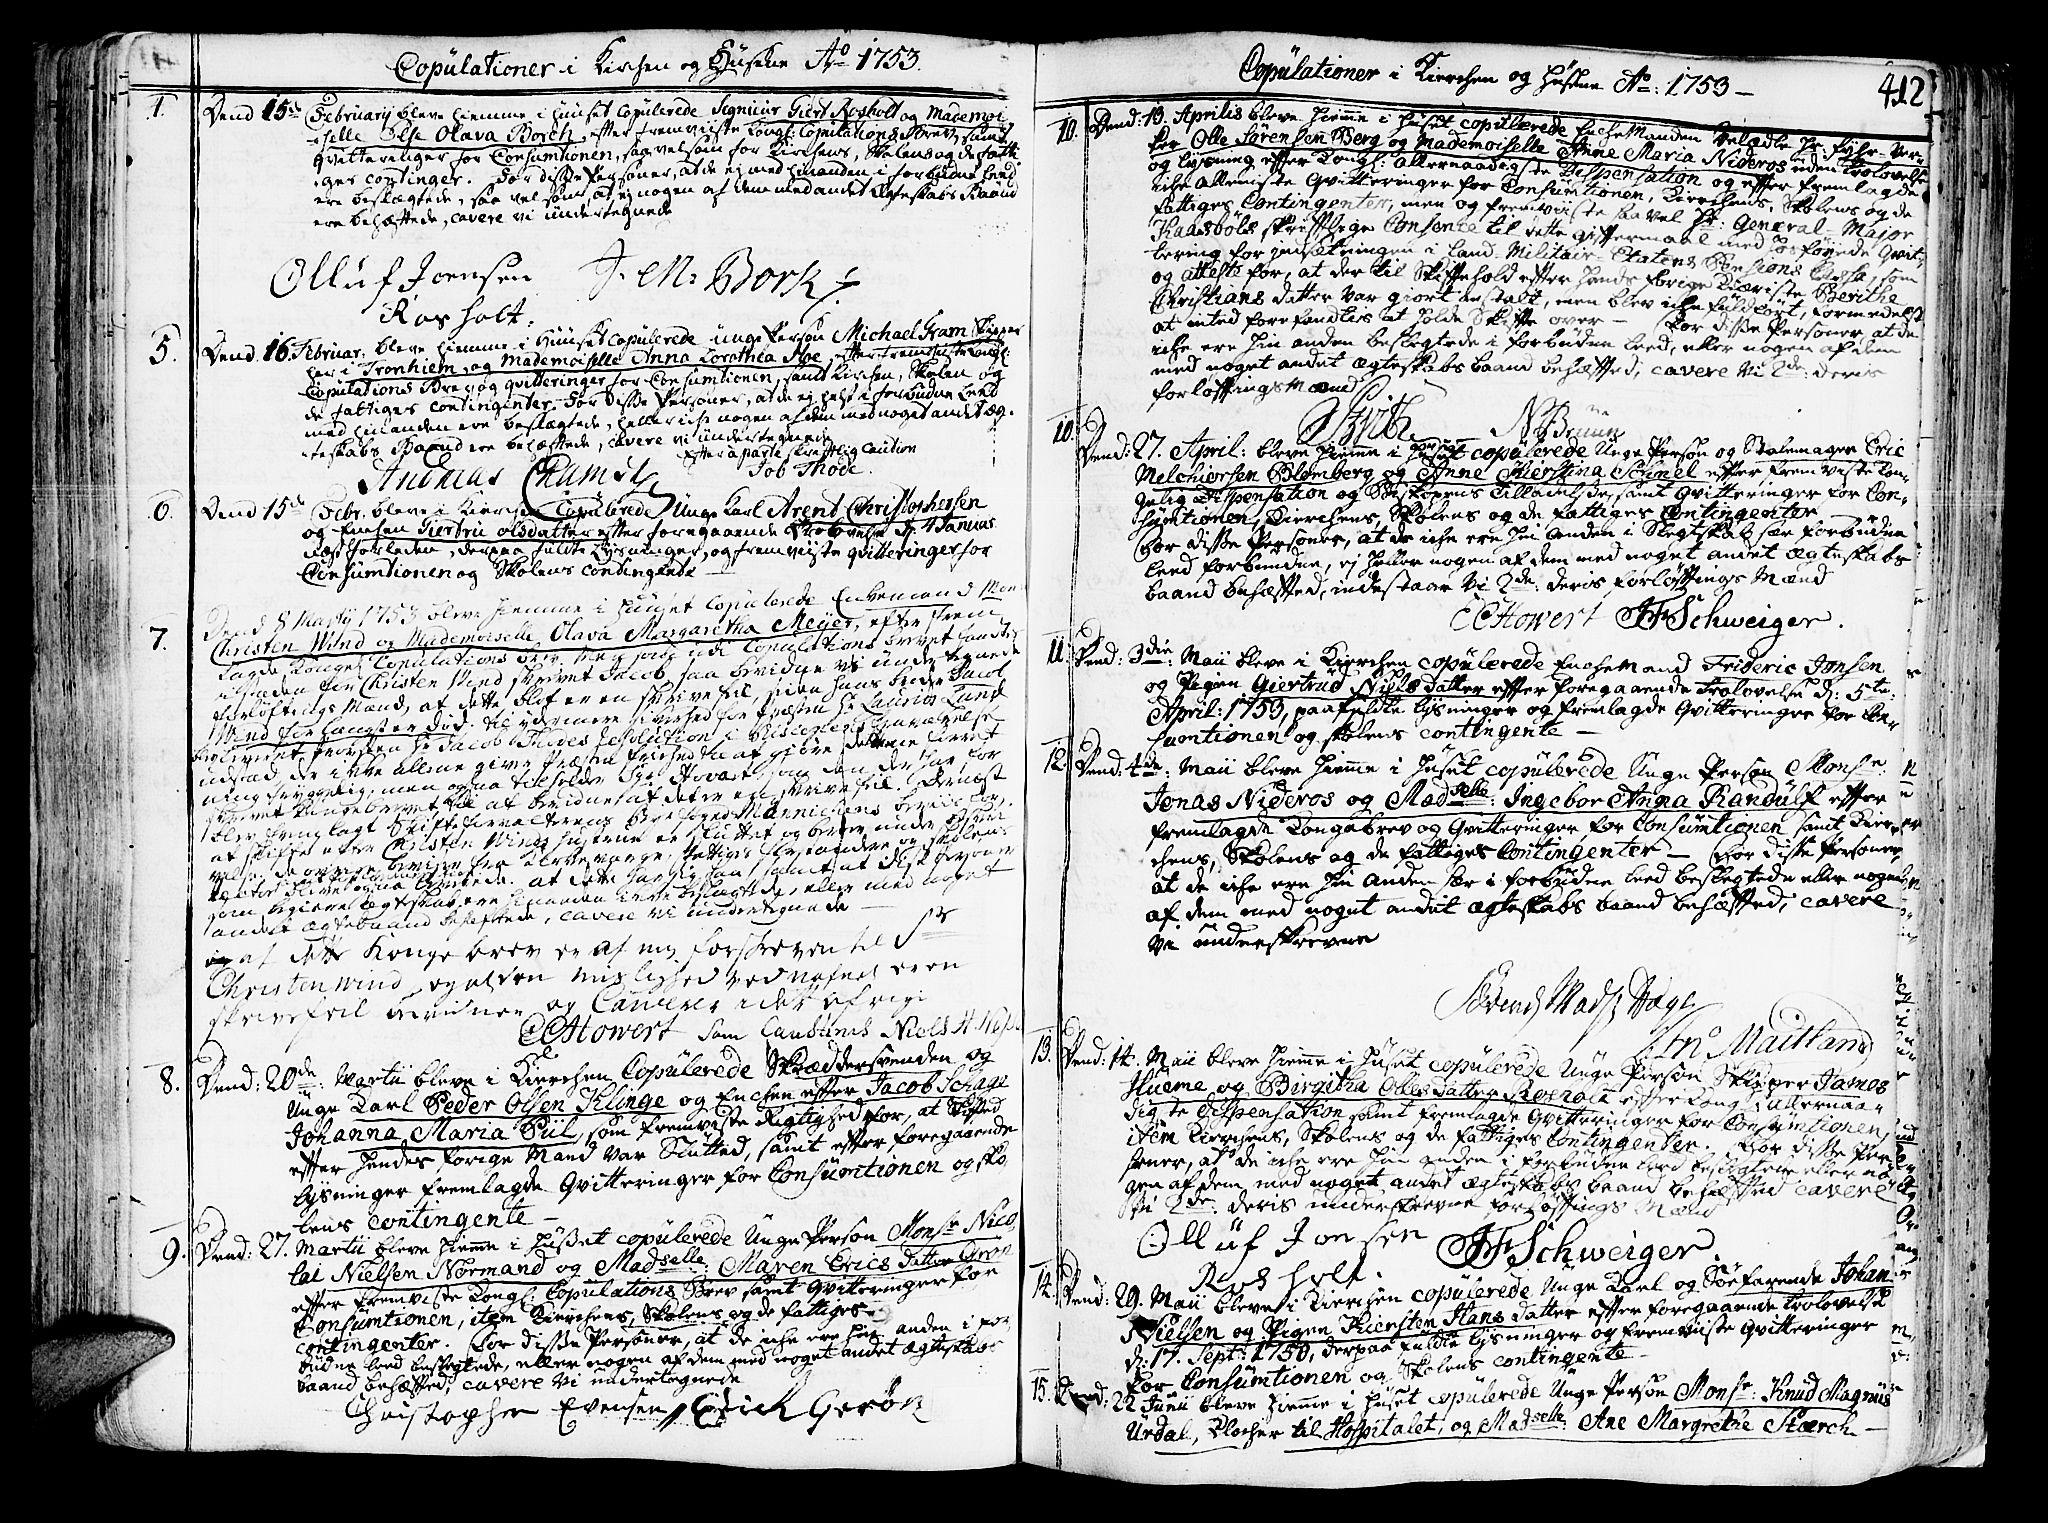 SAT, Ministerialprotokoller, klokkerbøker og fødselsregistre - Sør-Trøndelag, 602/L0103: Ministerialbok nr. 602A01, 1732-1774, s. 412